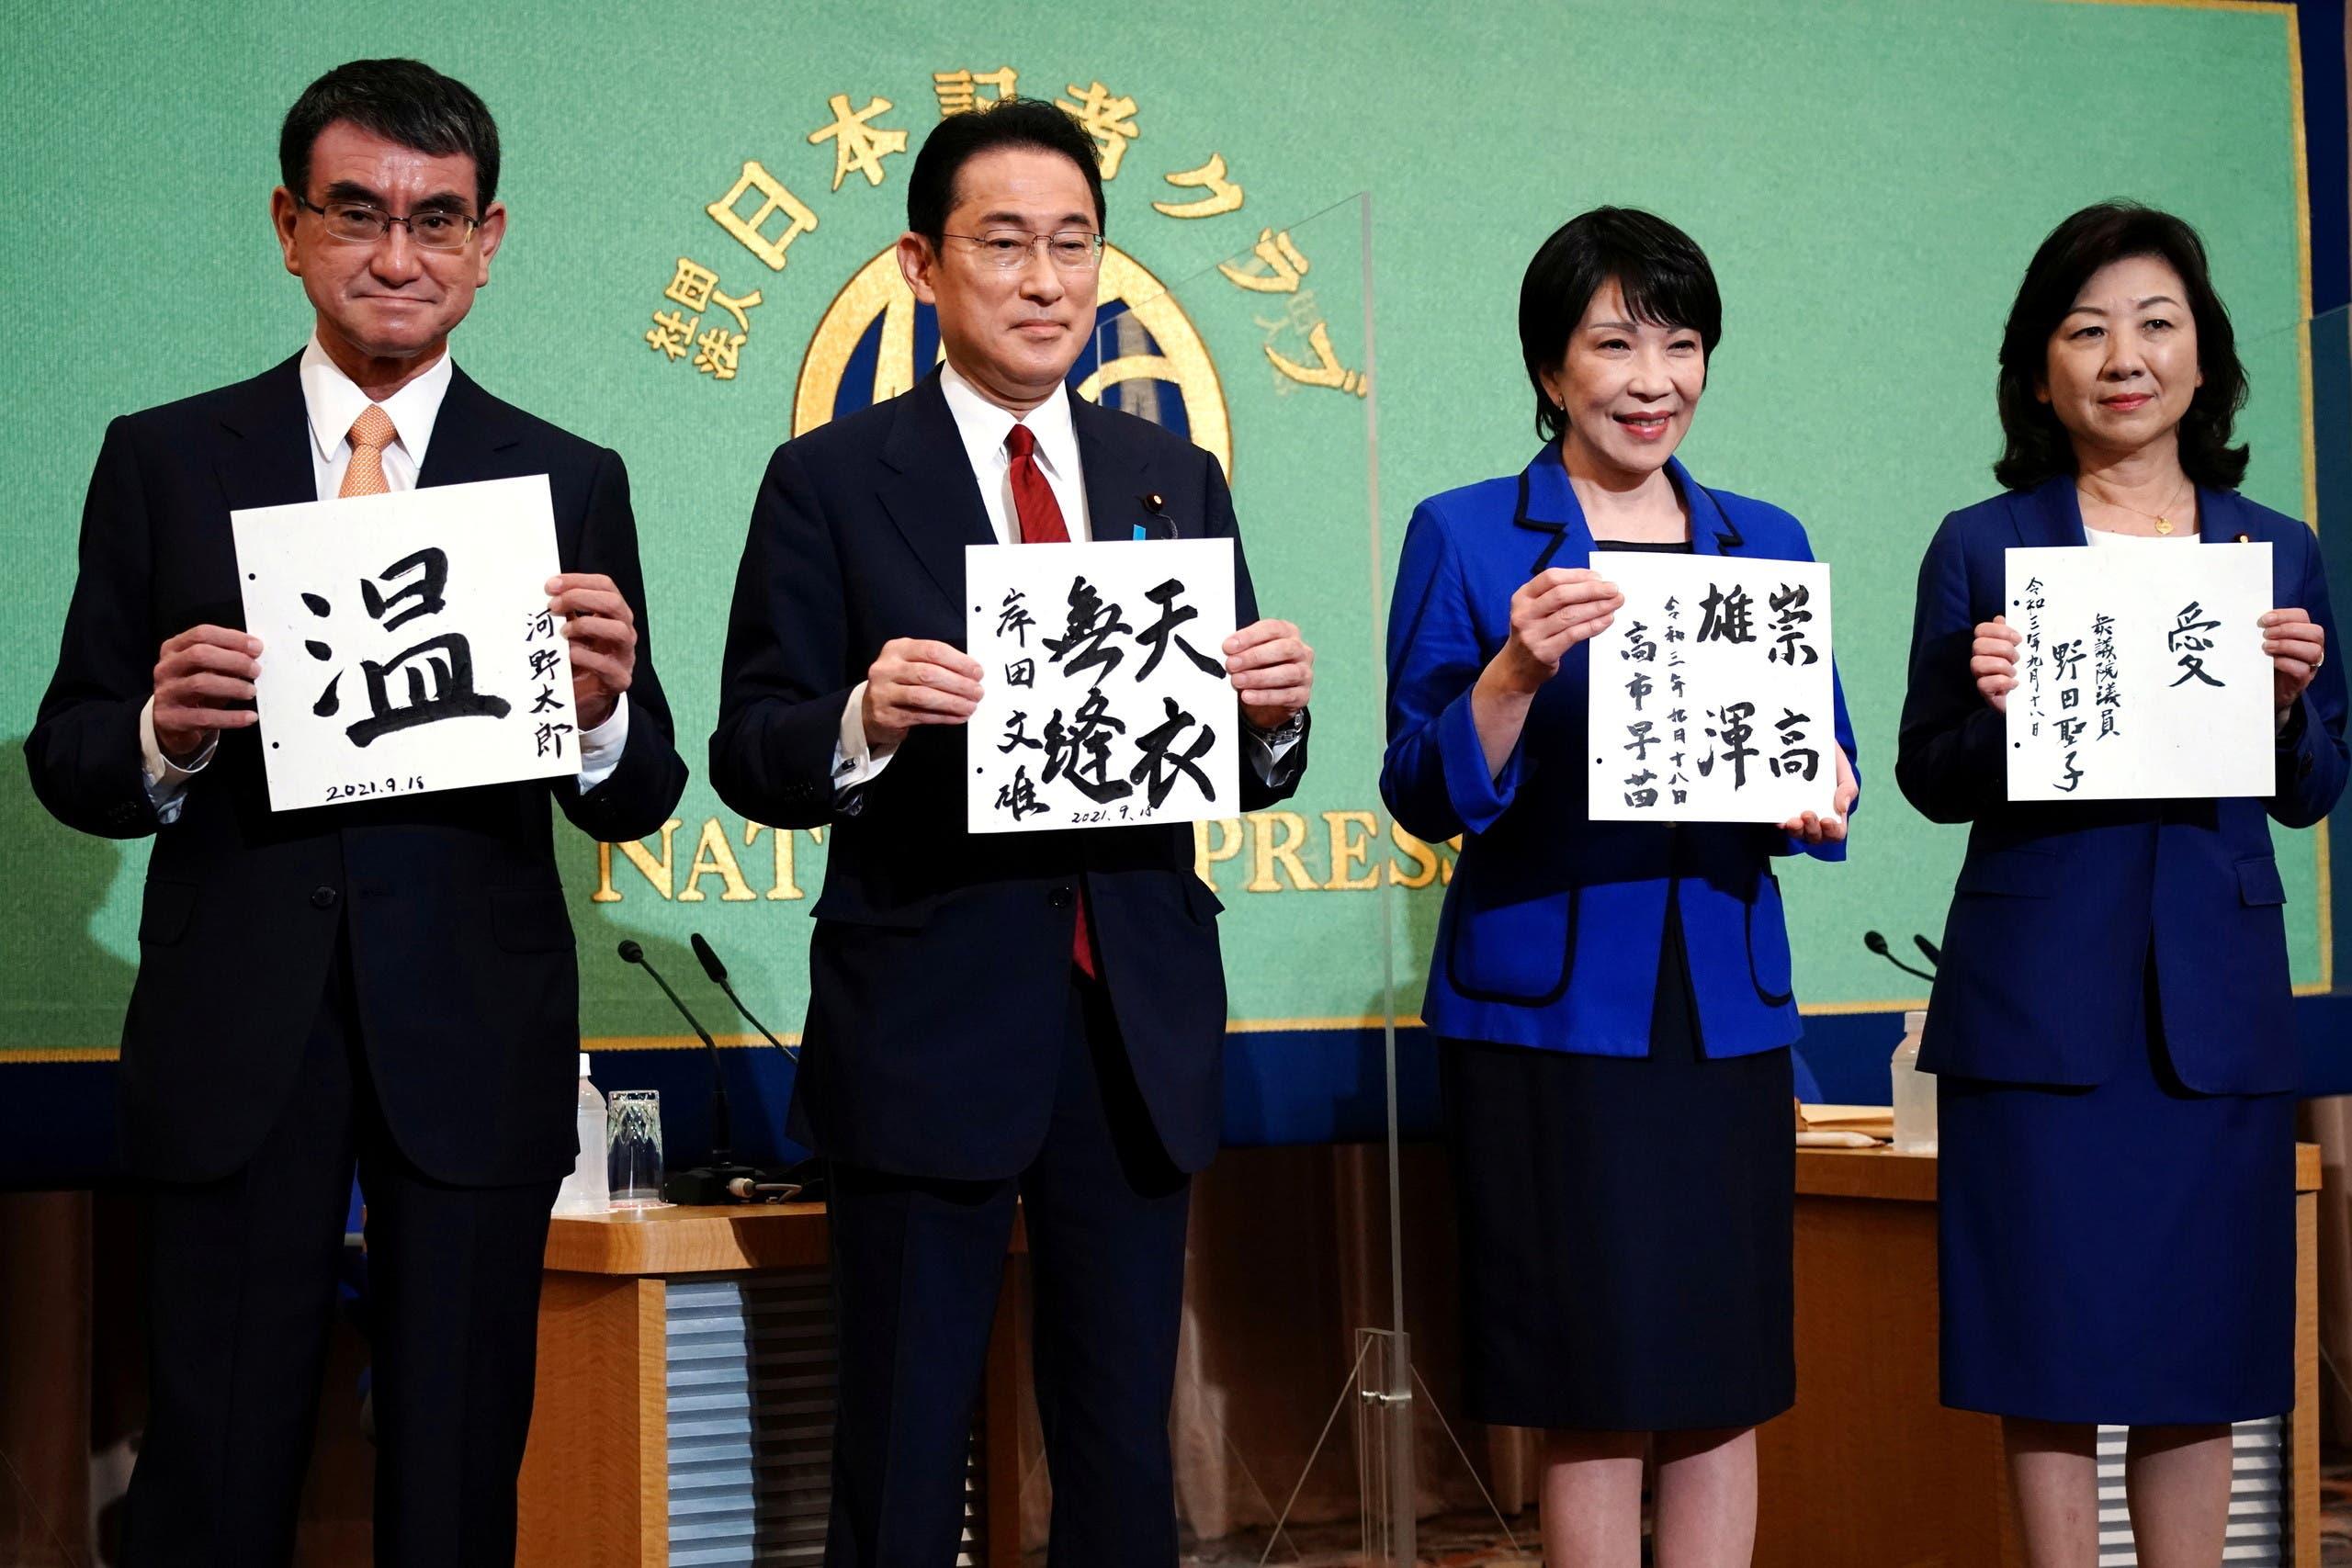 المرشحون الأربعة لرئاسة الحزب الحاكم في اليابان